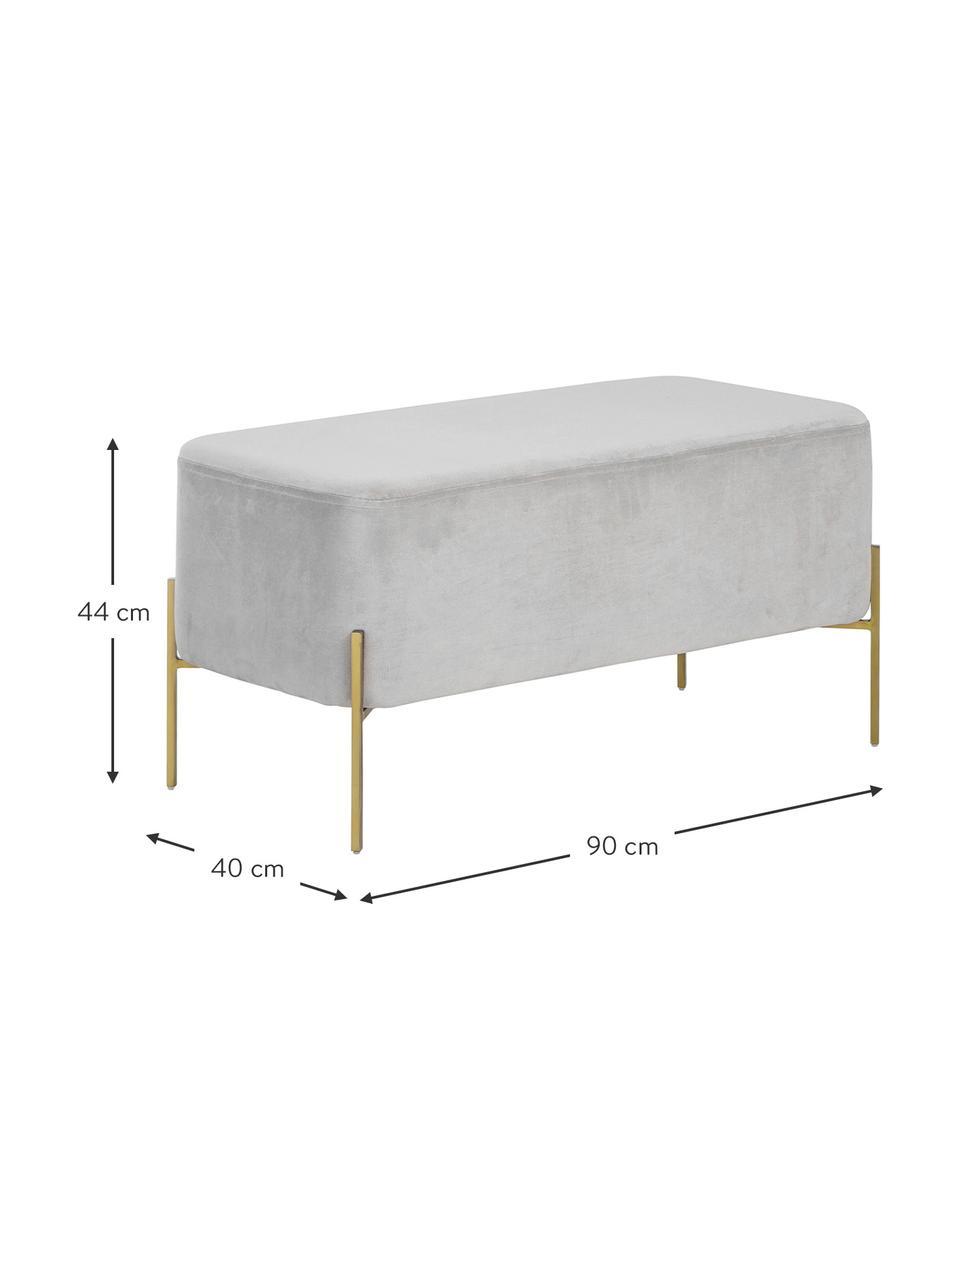 Samt-Polsterbank Harper, Bezug: Baumwollsamt, Fuß: Metall, pulverbeschichtet, Samt Hellgrau, Goldfarben, 90 x 44 cm